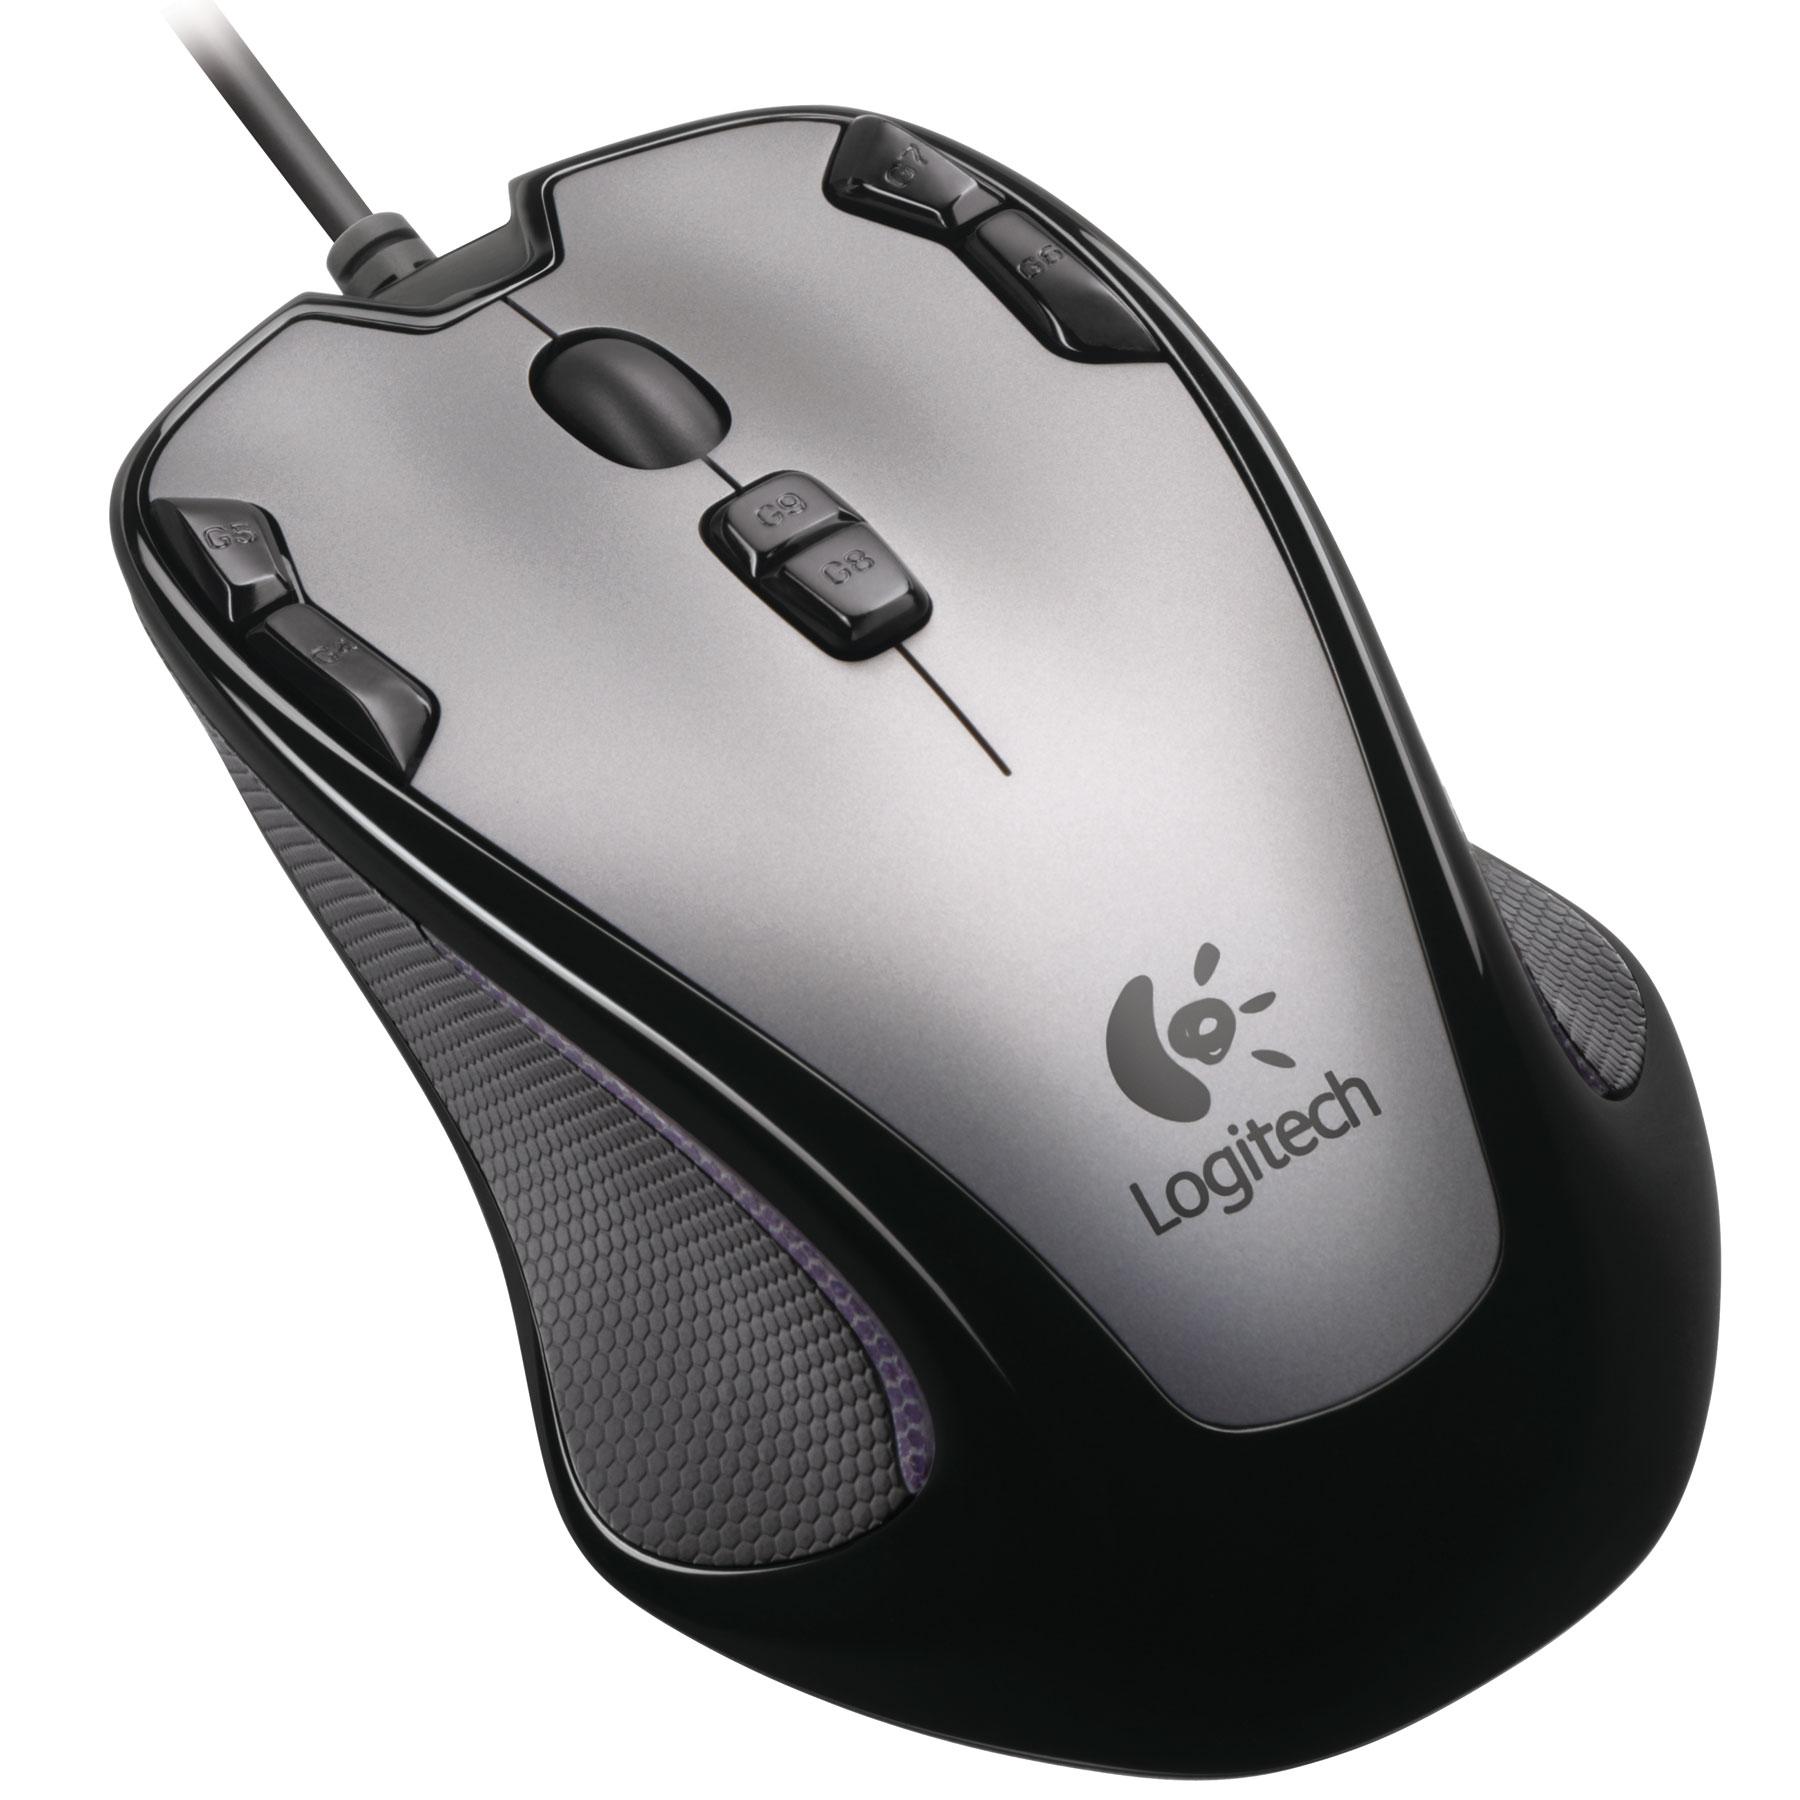 logitech g300 gaming mouse 910 003431 achat vente souris pc sur. Black Bedroom Furniture Sets. Home Design Ideas